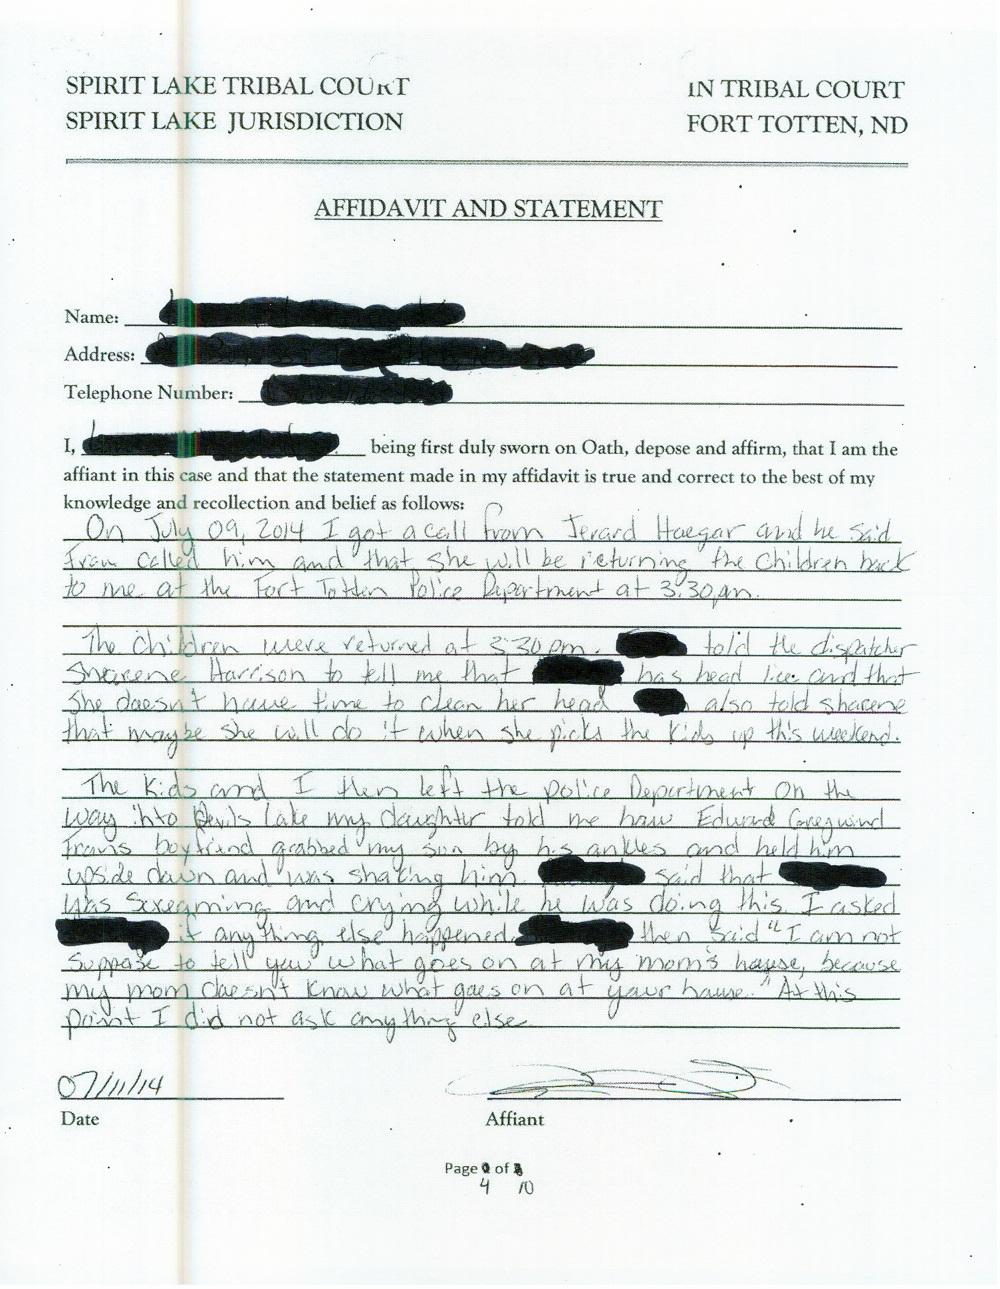 10 Page Affidavit July 11 2014 - page 4